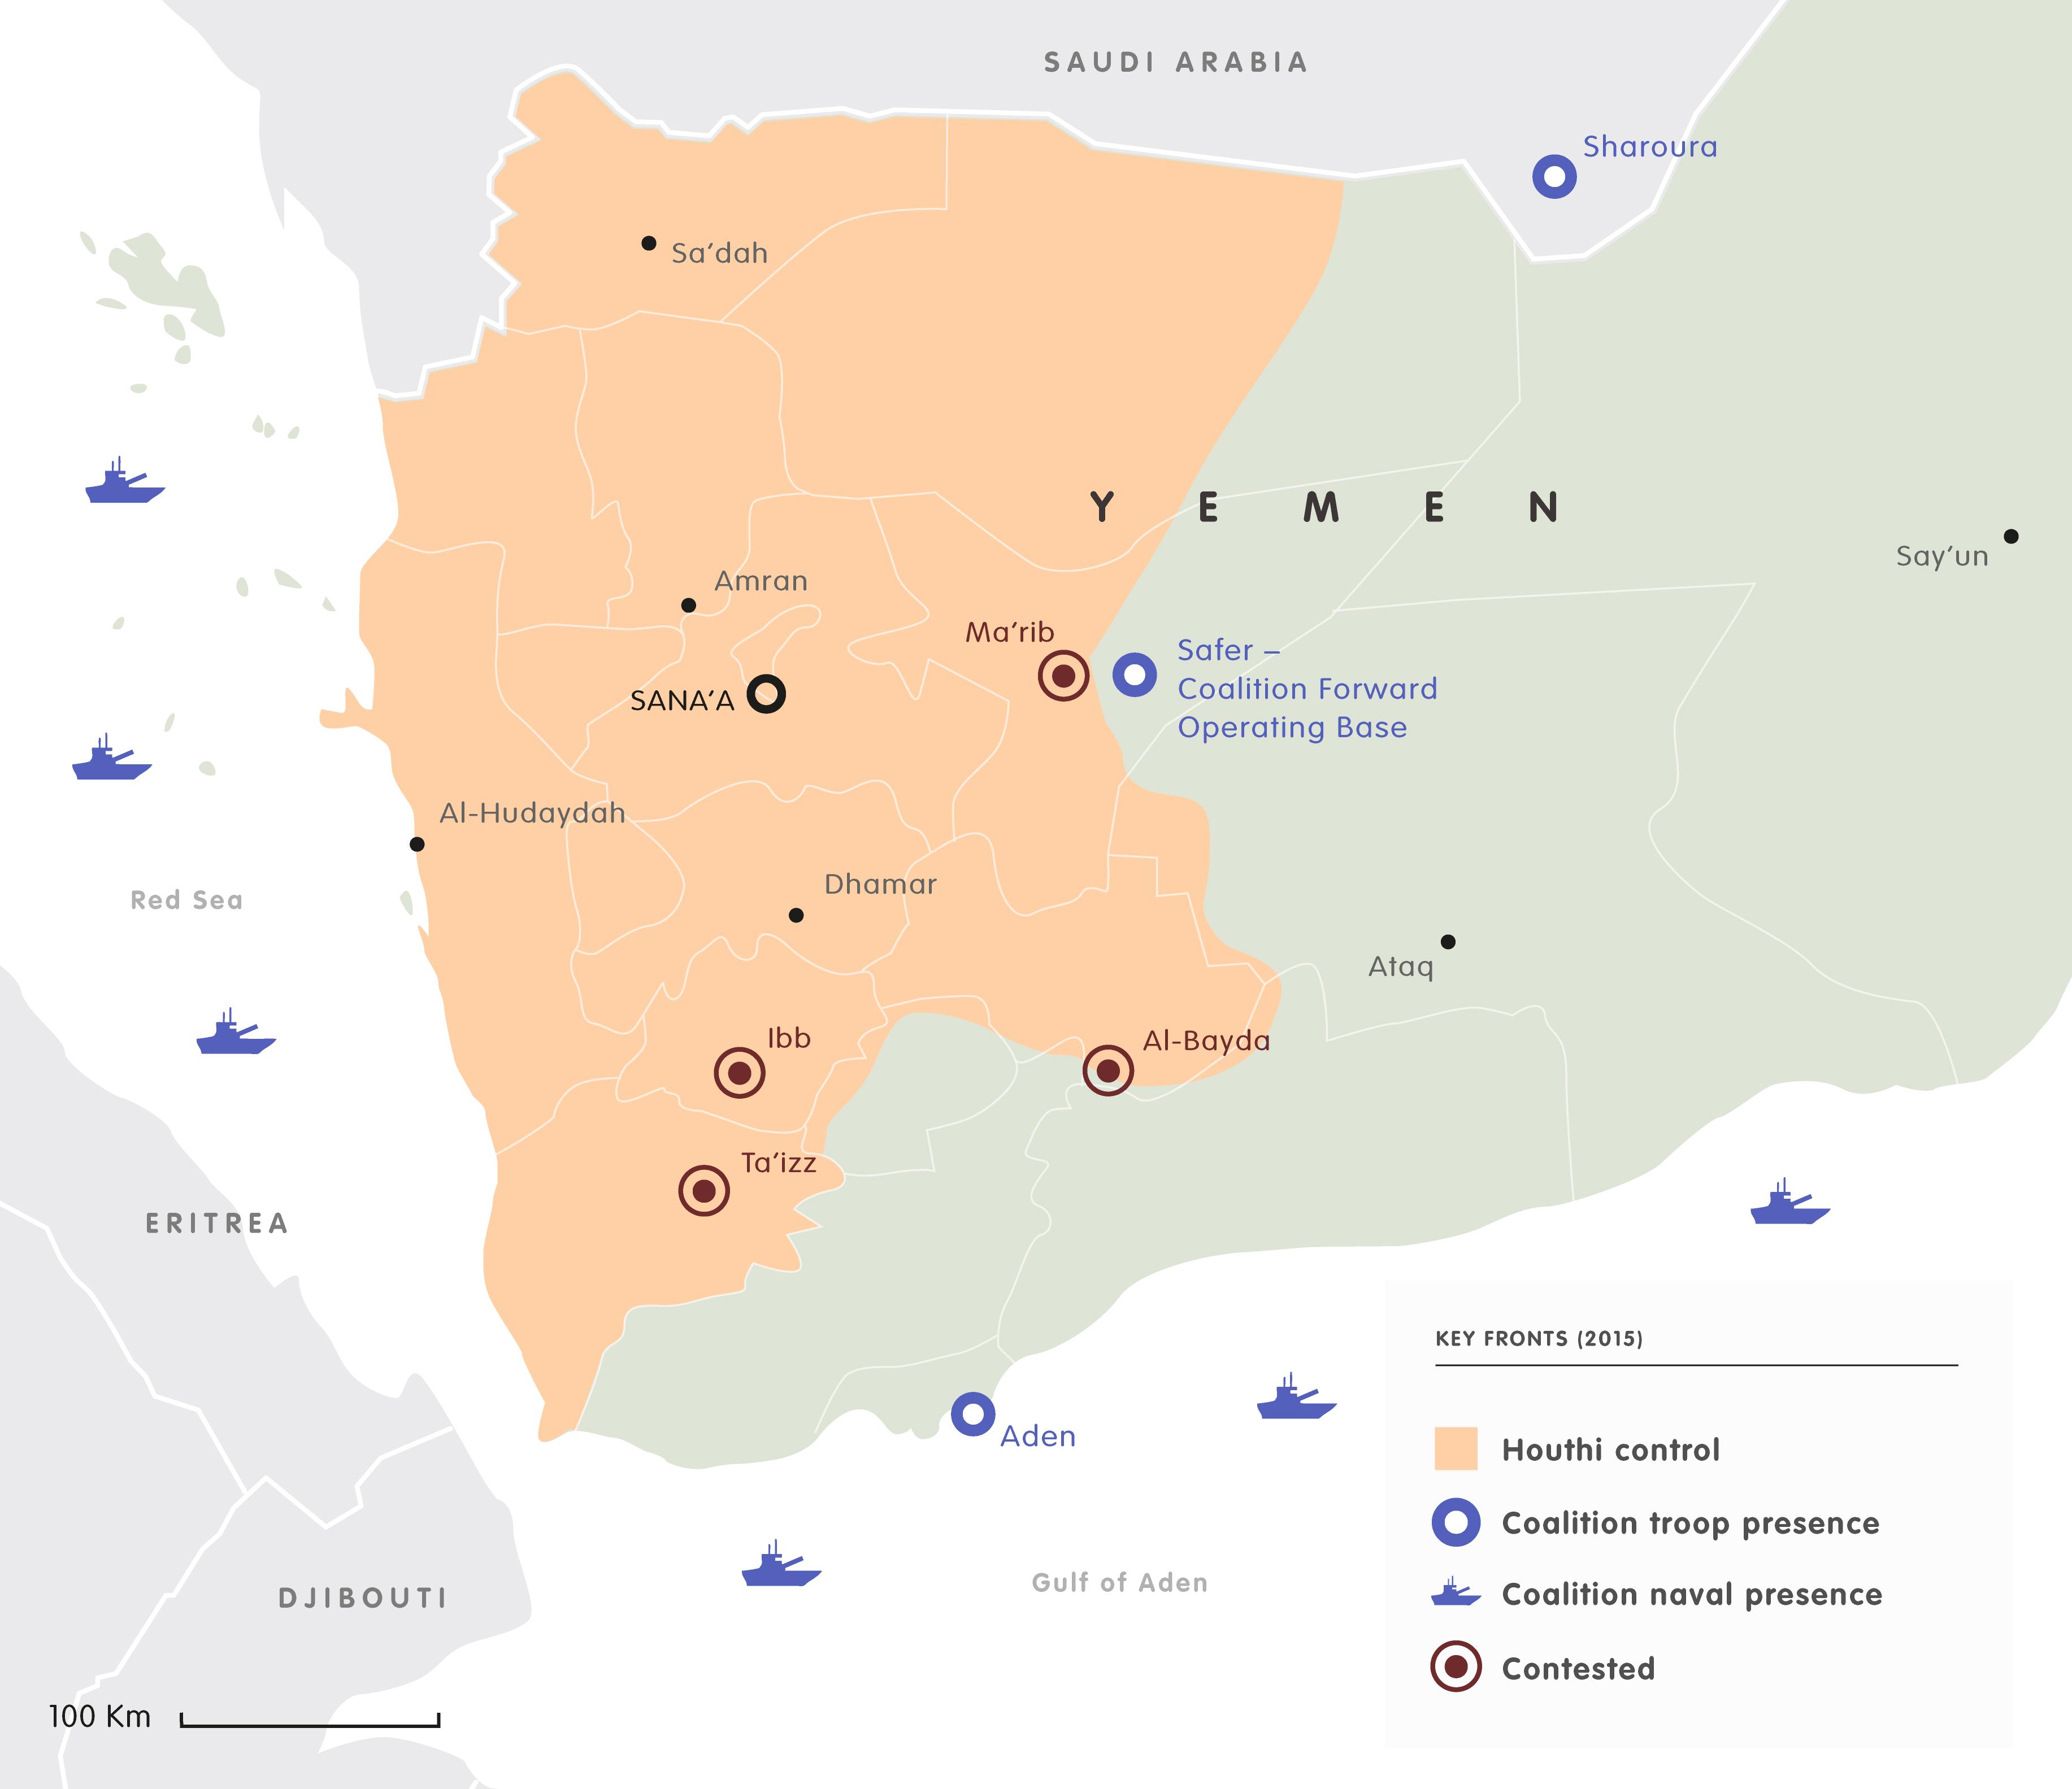 Yemen keyfronts 2015